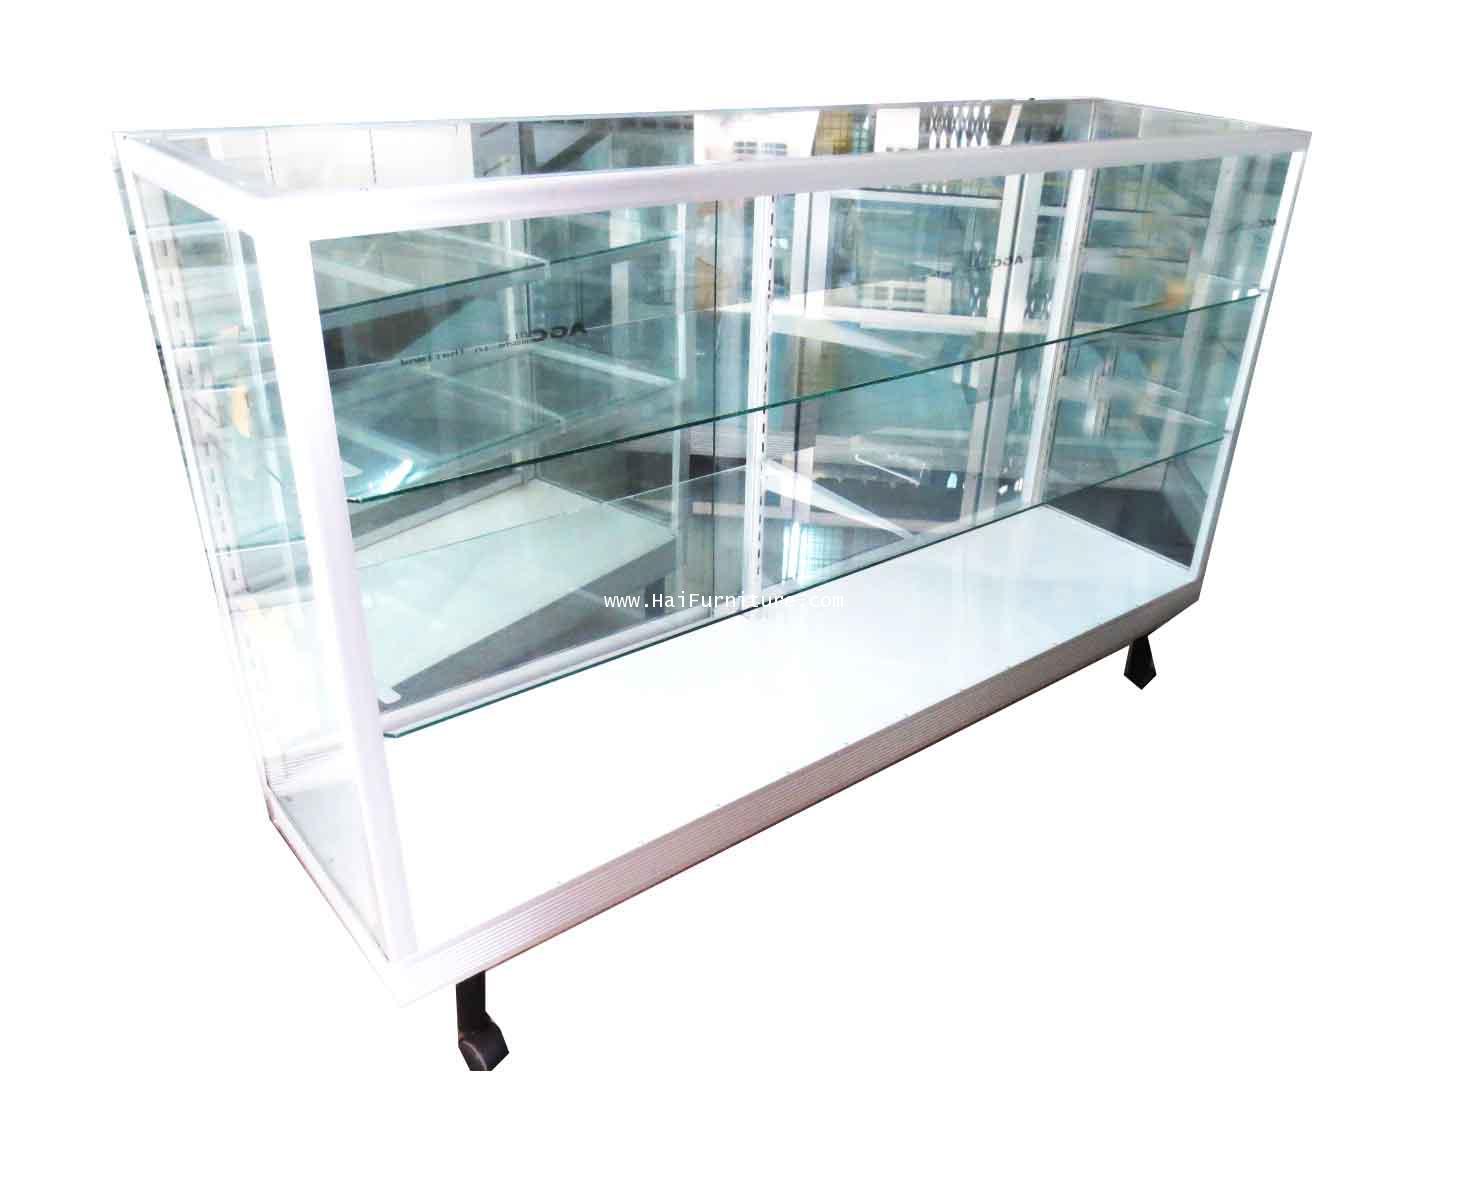 ตู้โชว์ ตู้กระจกแสดงสินค้า ขอบอลูมิเนียม 5 ฟุต ชั้นปรับ  154*41.50*100.50 ซม.